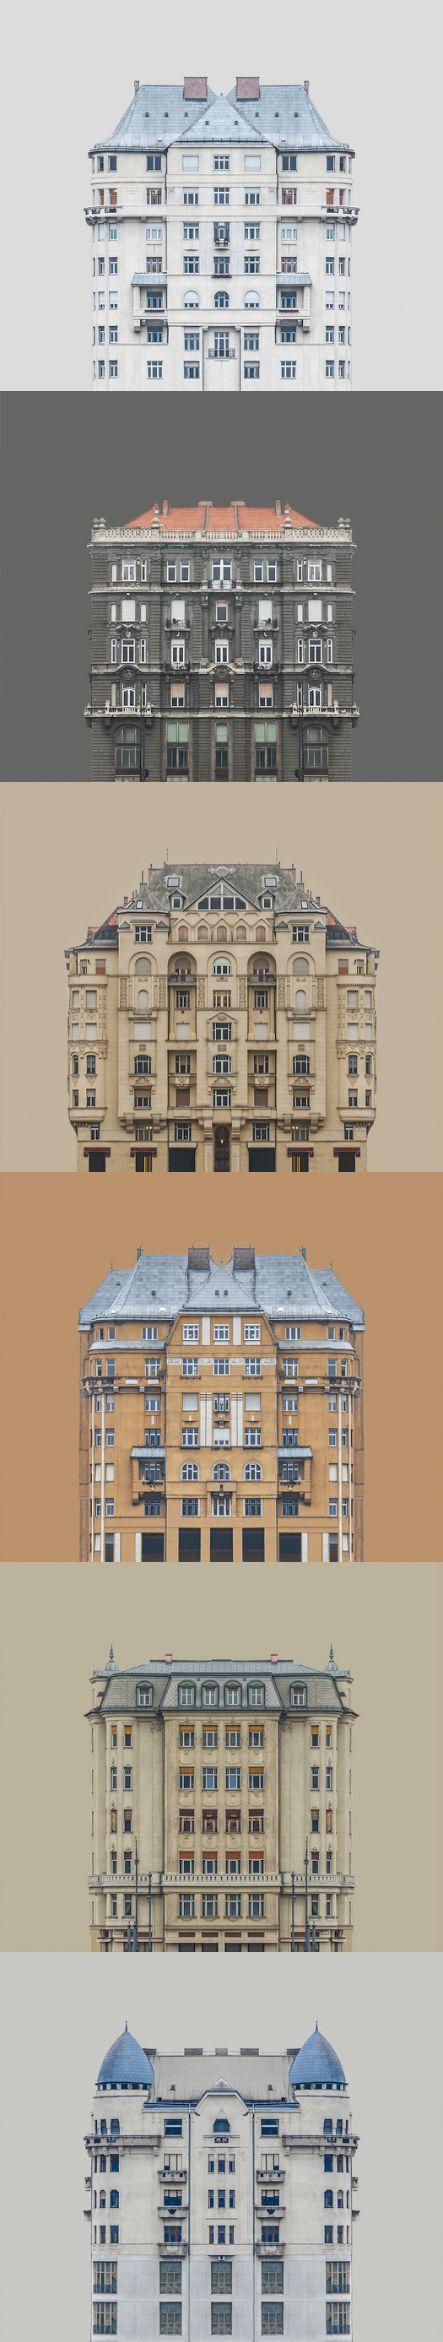 Zsolt Hlinka   Urbam Symmetry